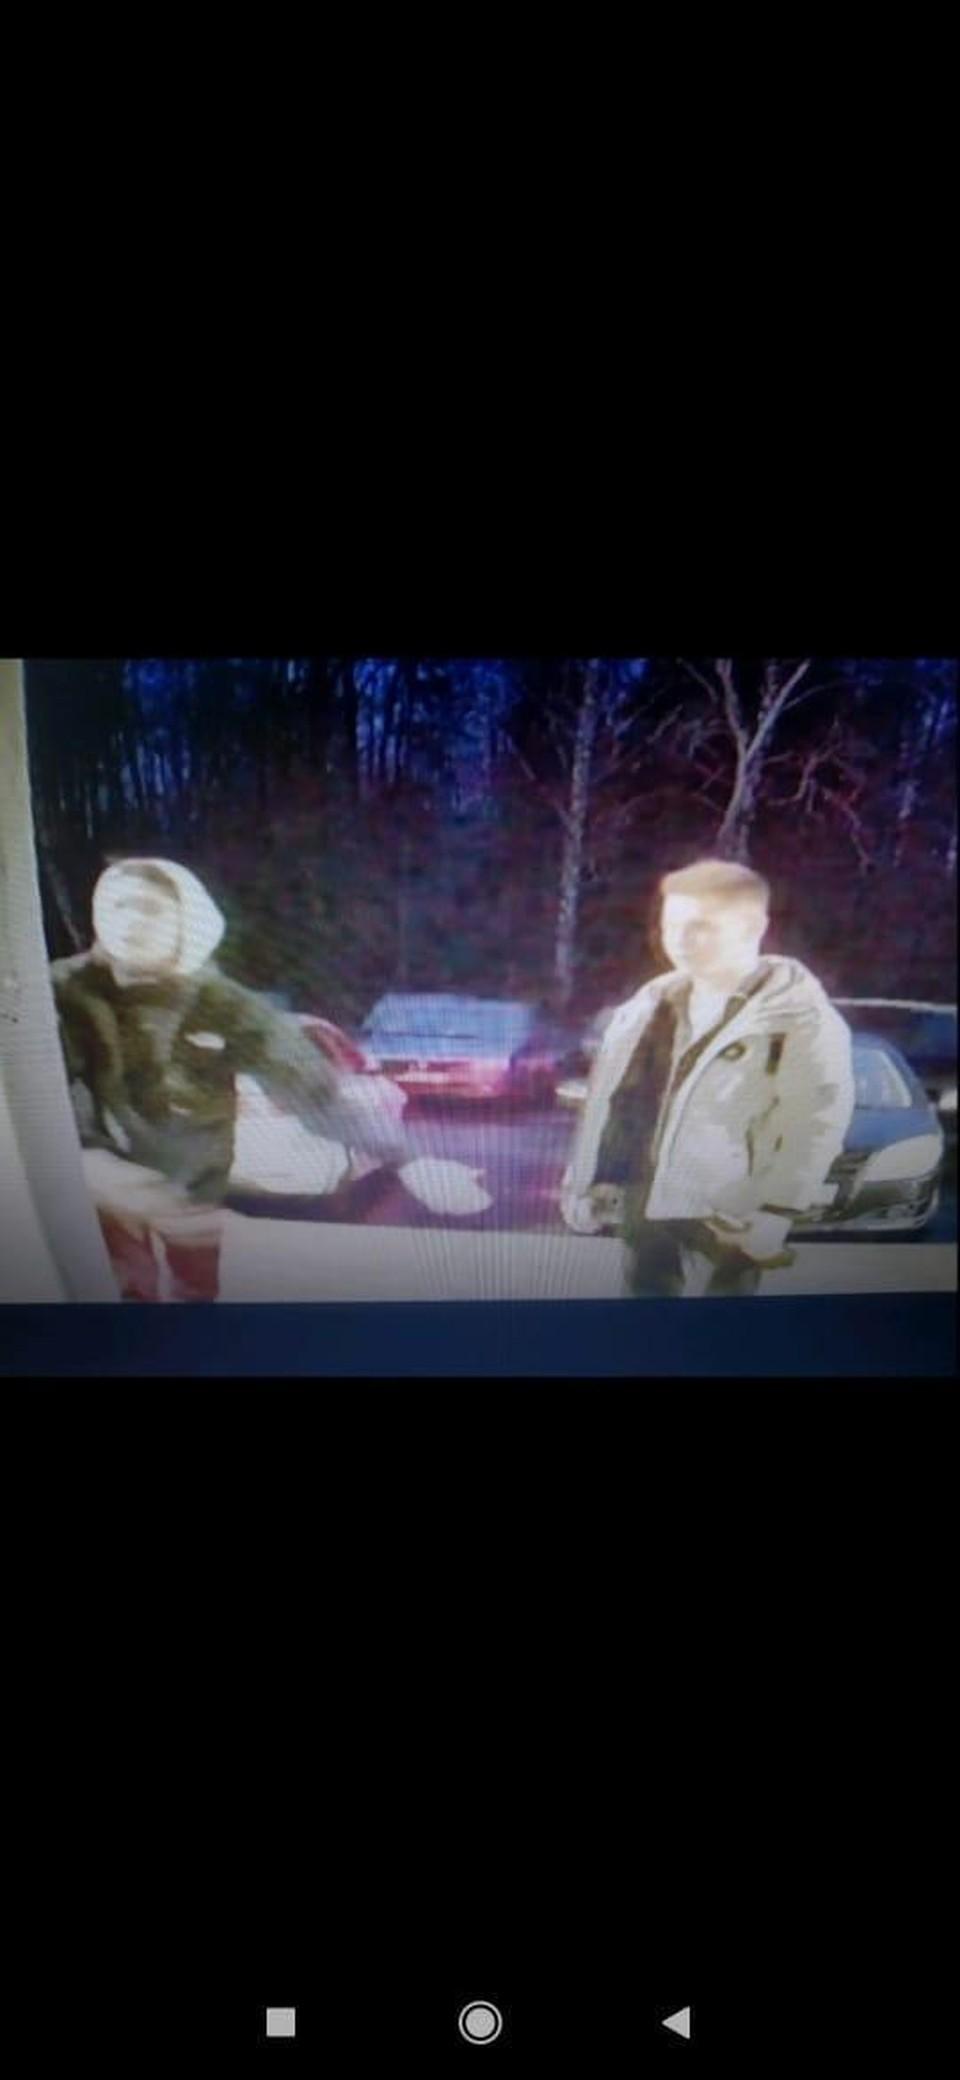 Автомобиль разбили на Воткинском шоссе. Фото: предоставлено очевидцем